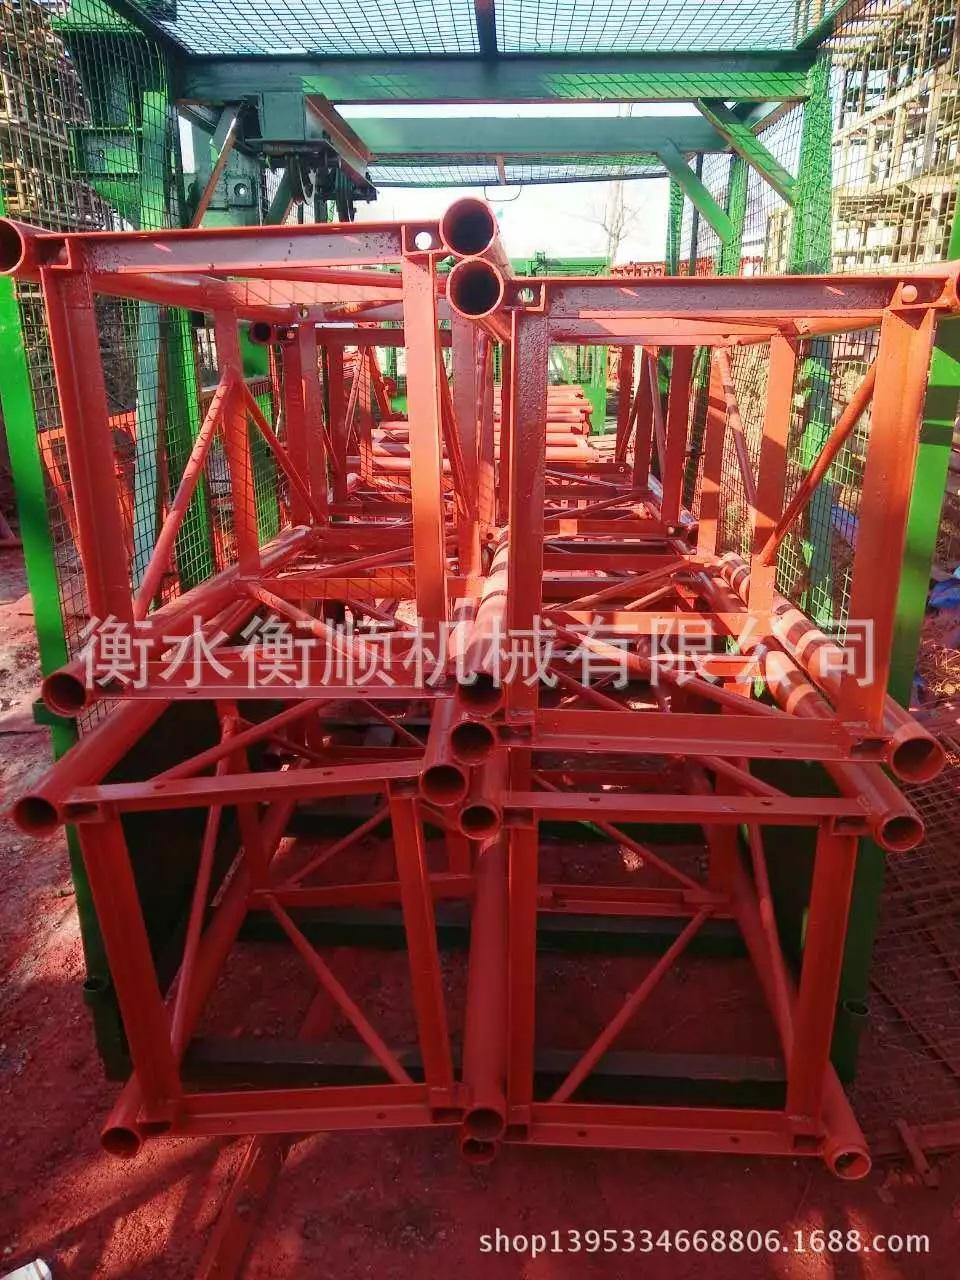 标准节定制 施工升降机批发建筑物料提升机ss8080-80标准节厂家示例图13